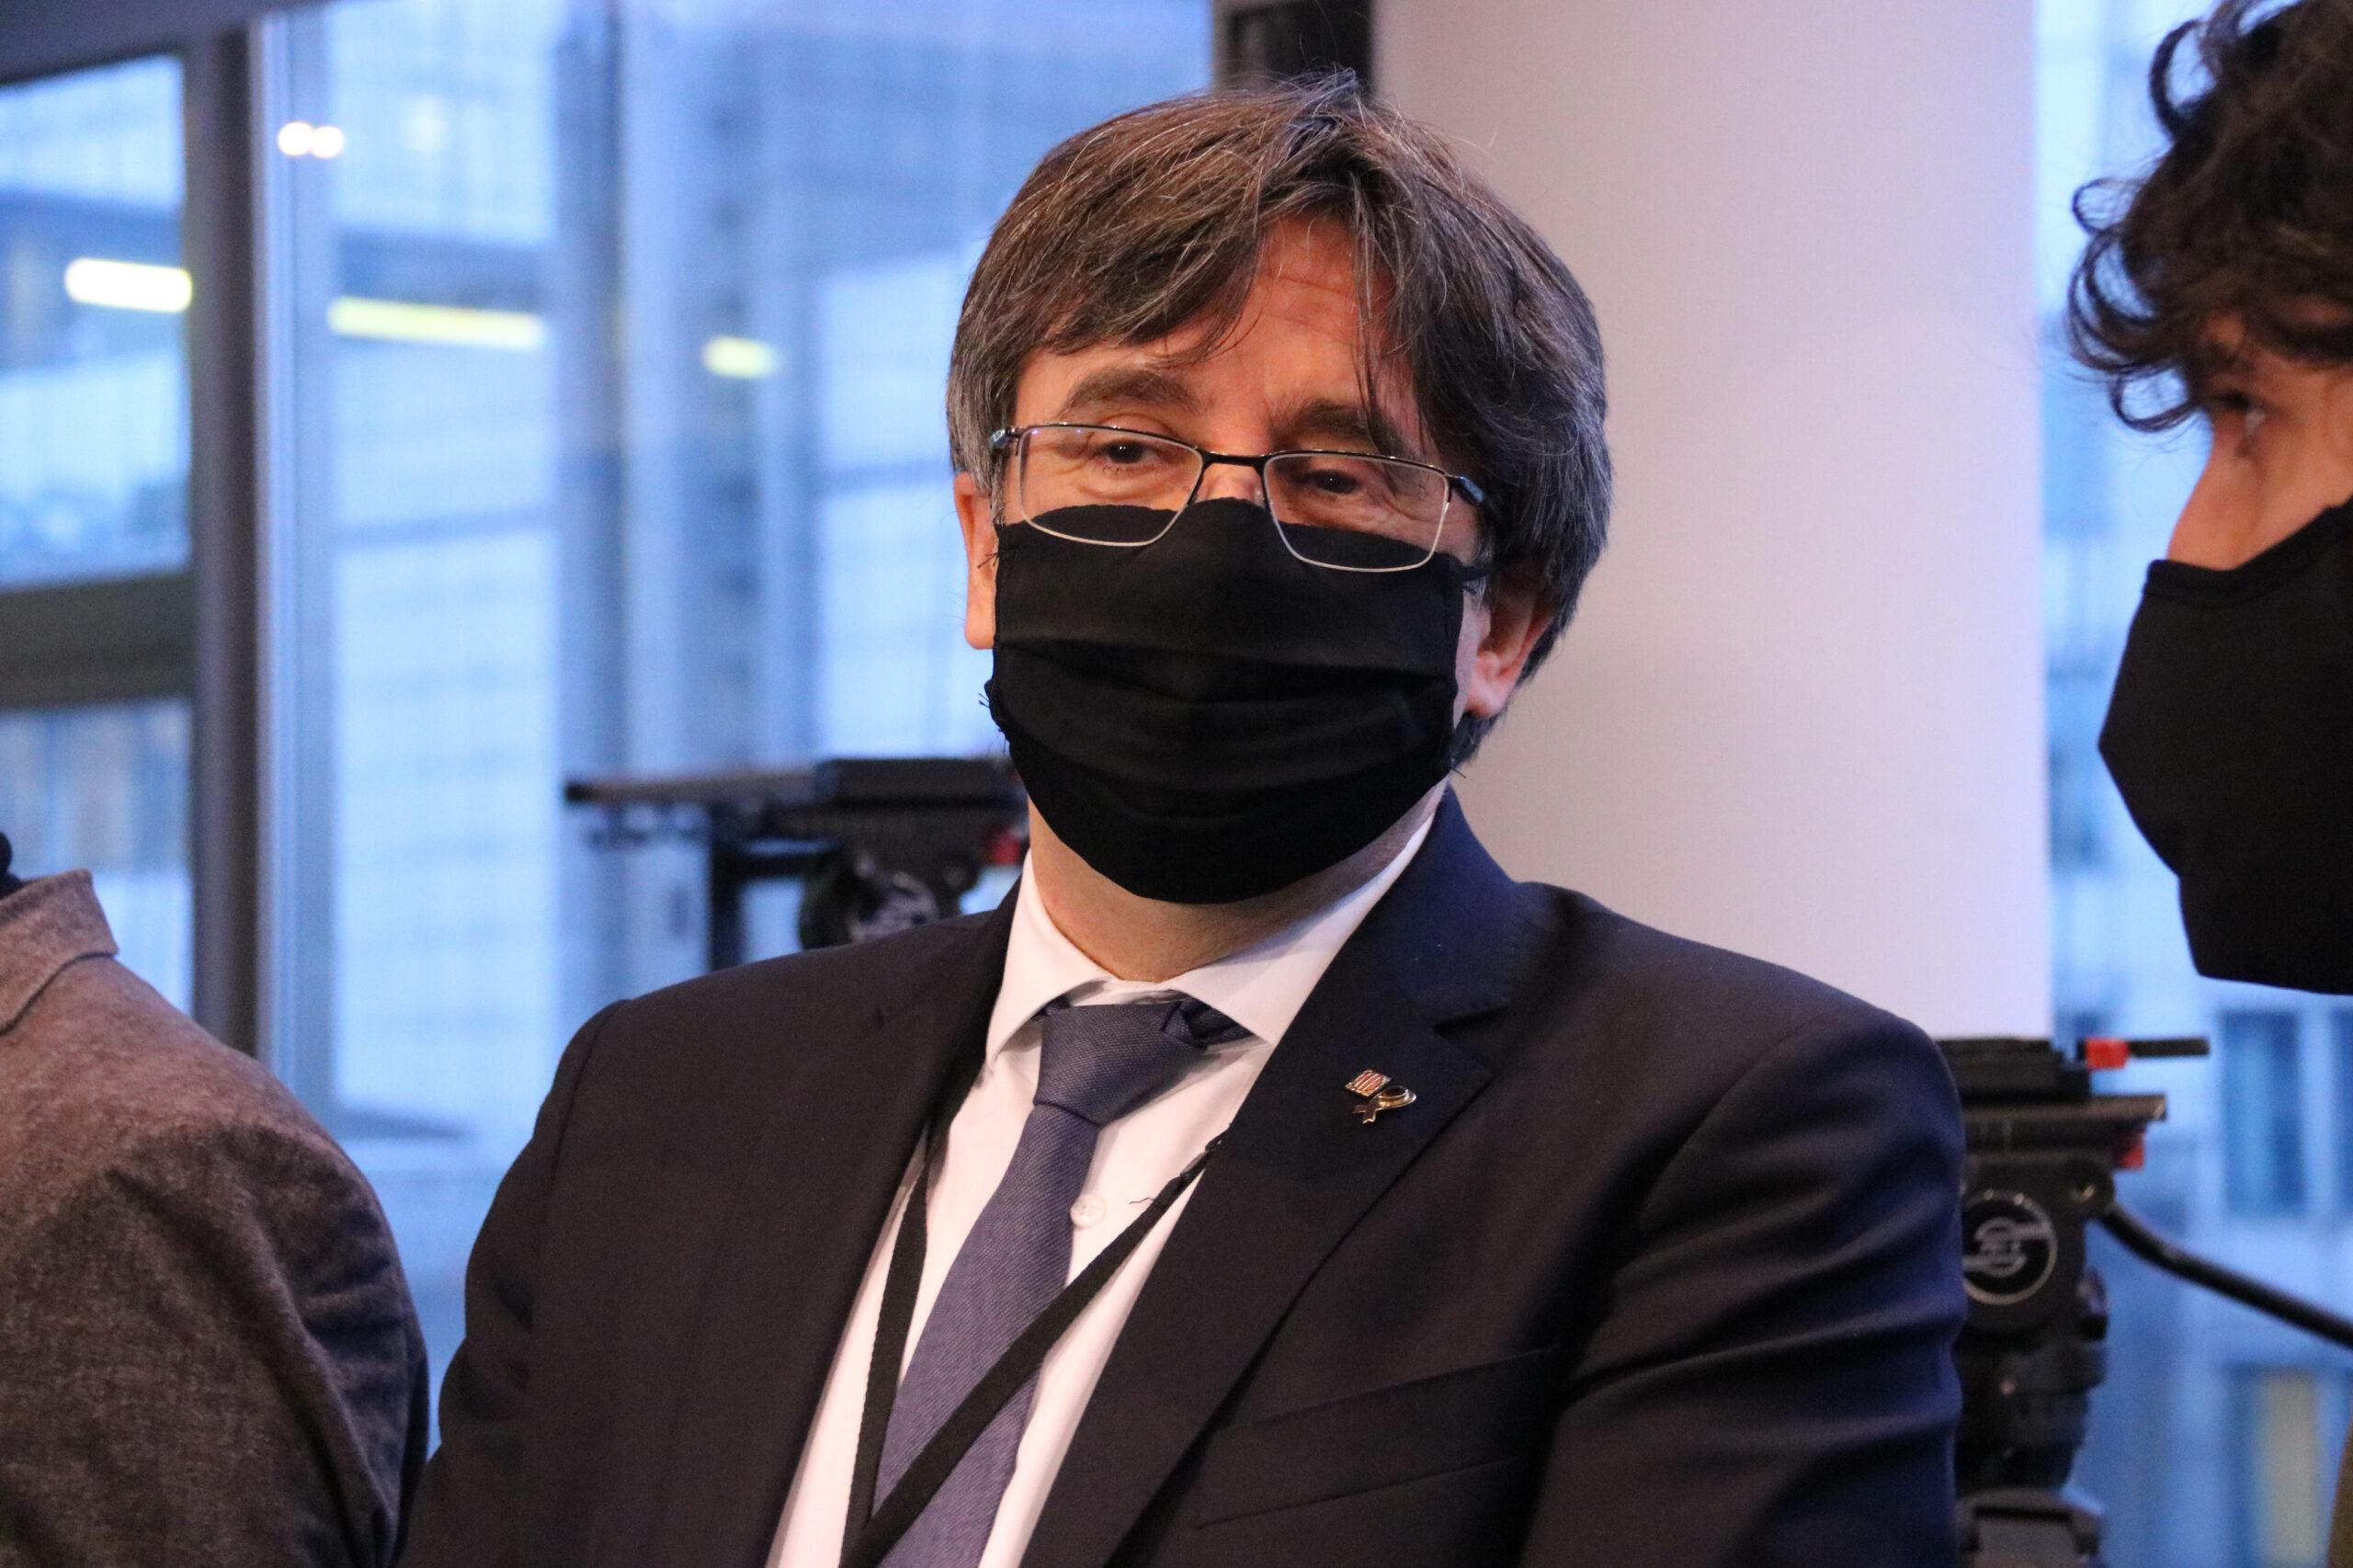 El paper de Carles Puigdemont i del Consell per la República, tema espinós de les negociacions